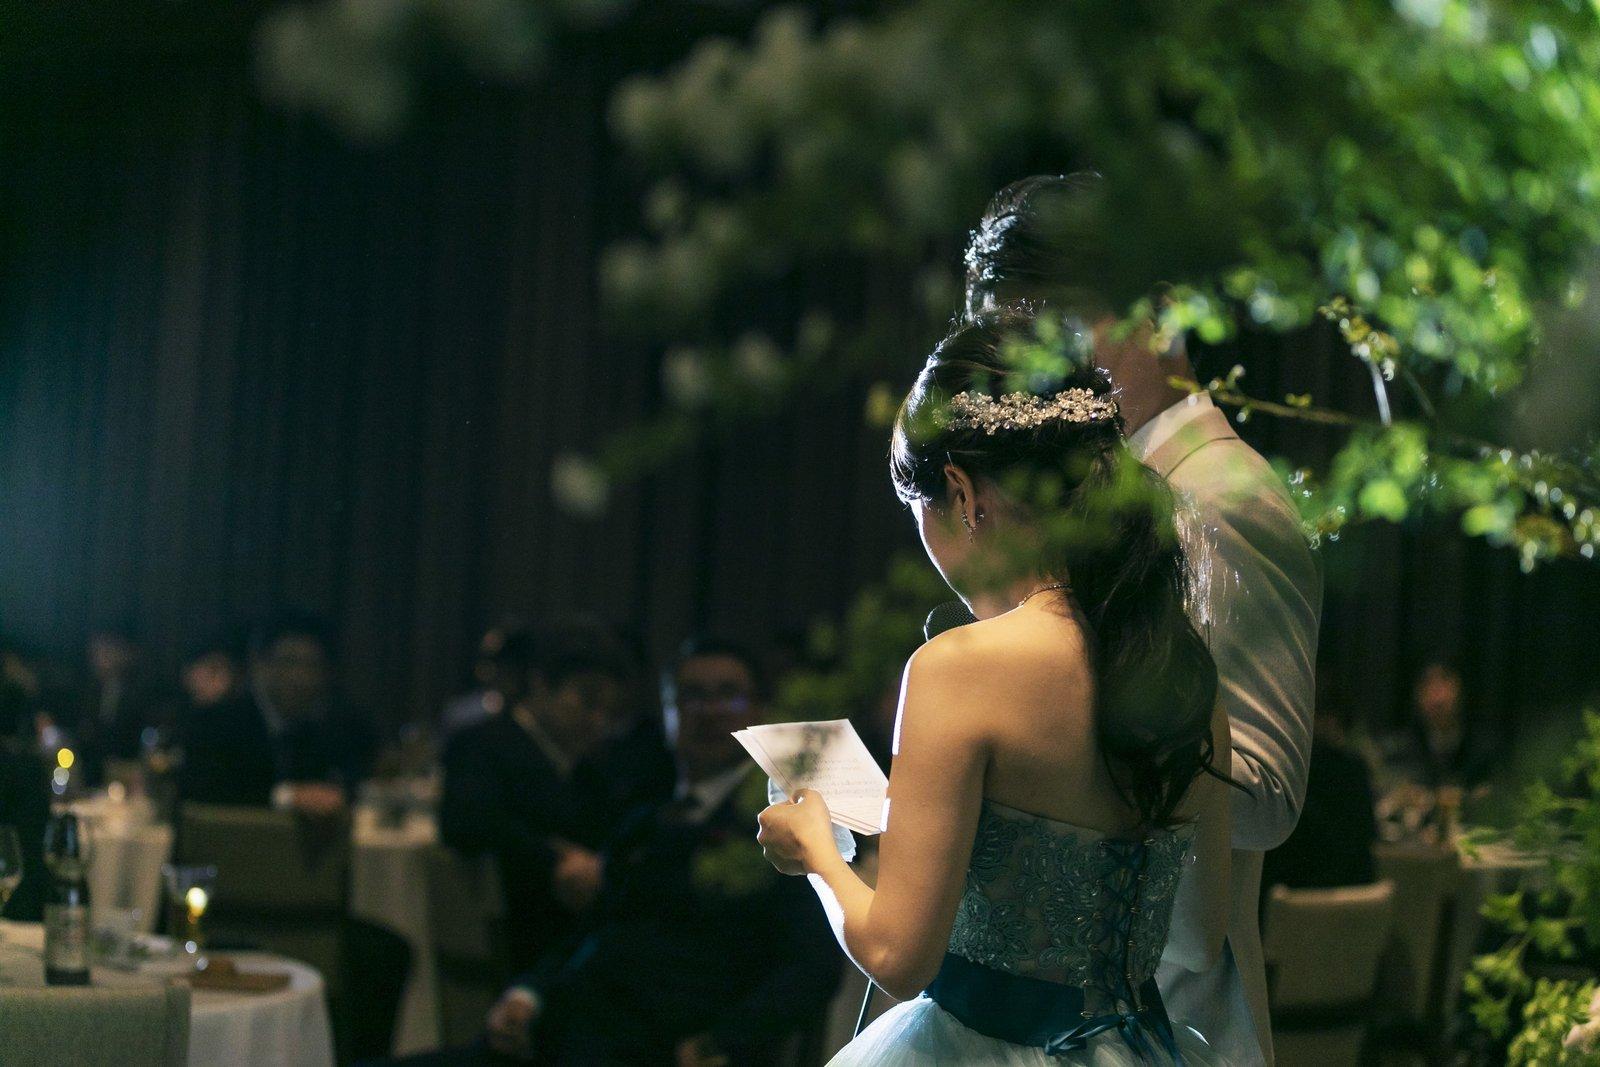 高松市の結婚式場アナザースタイルの披露宴会場で手紙を読む新婦